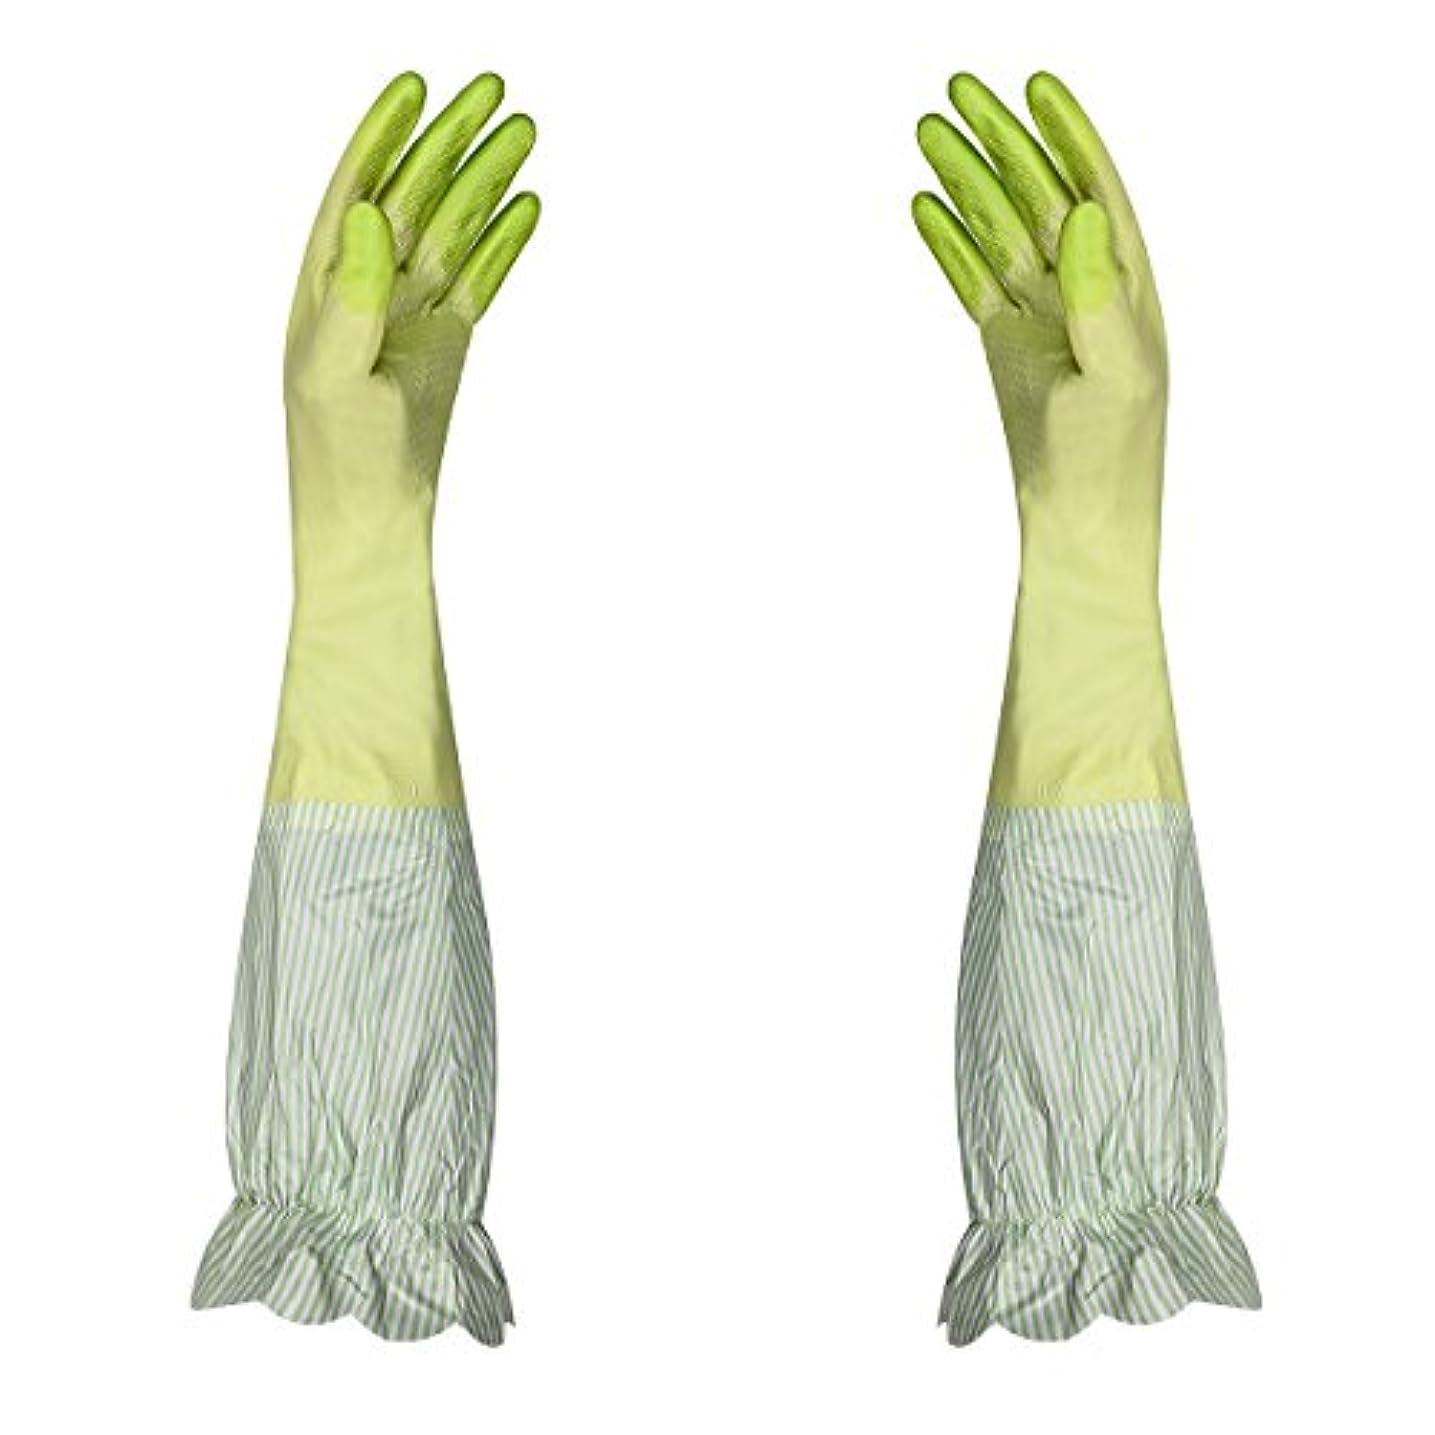 皿フラスコ送るキッチングローブ 天然ゴム手袋 中厚手 裏起毛 炊事 家庭用 掃除用 防水 滑り止め 可愛い花柄 (グリーン)